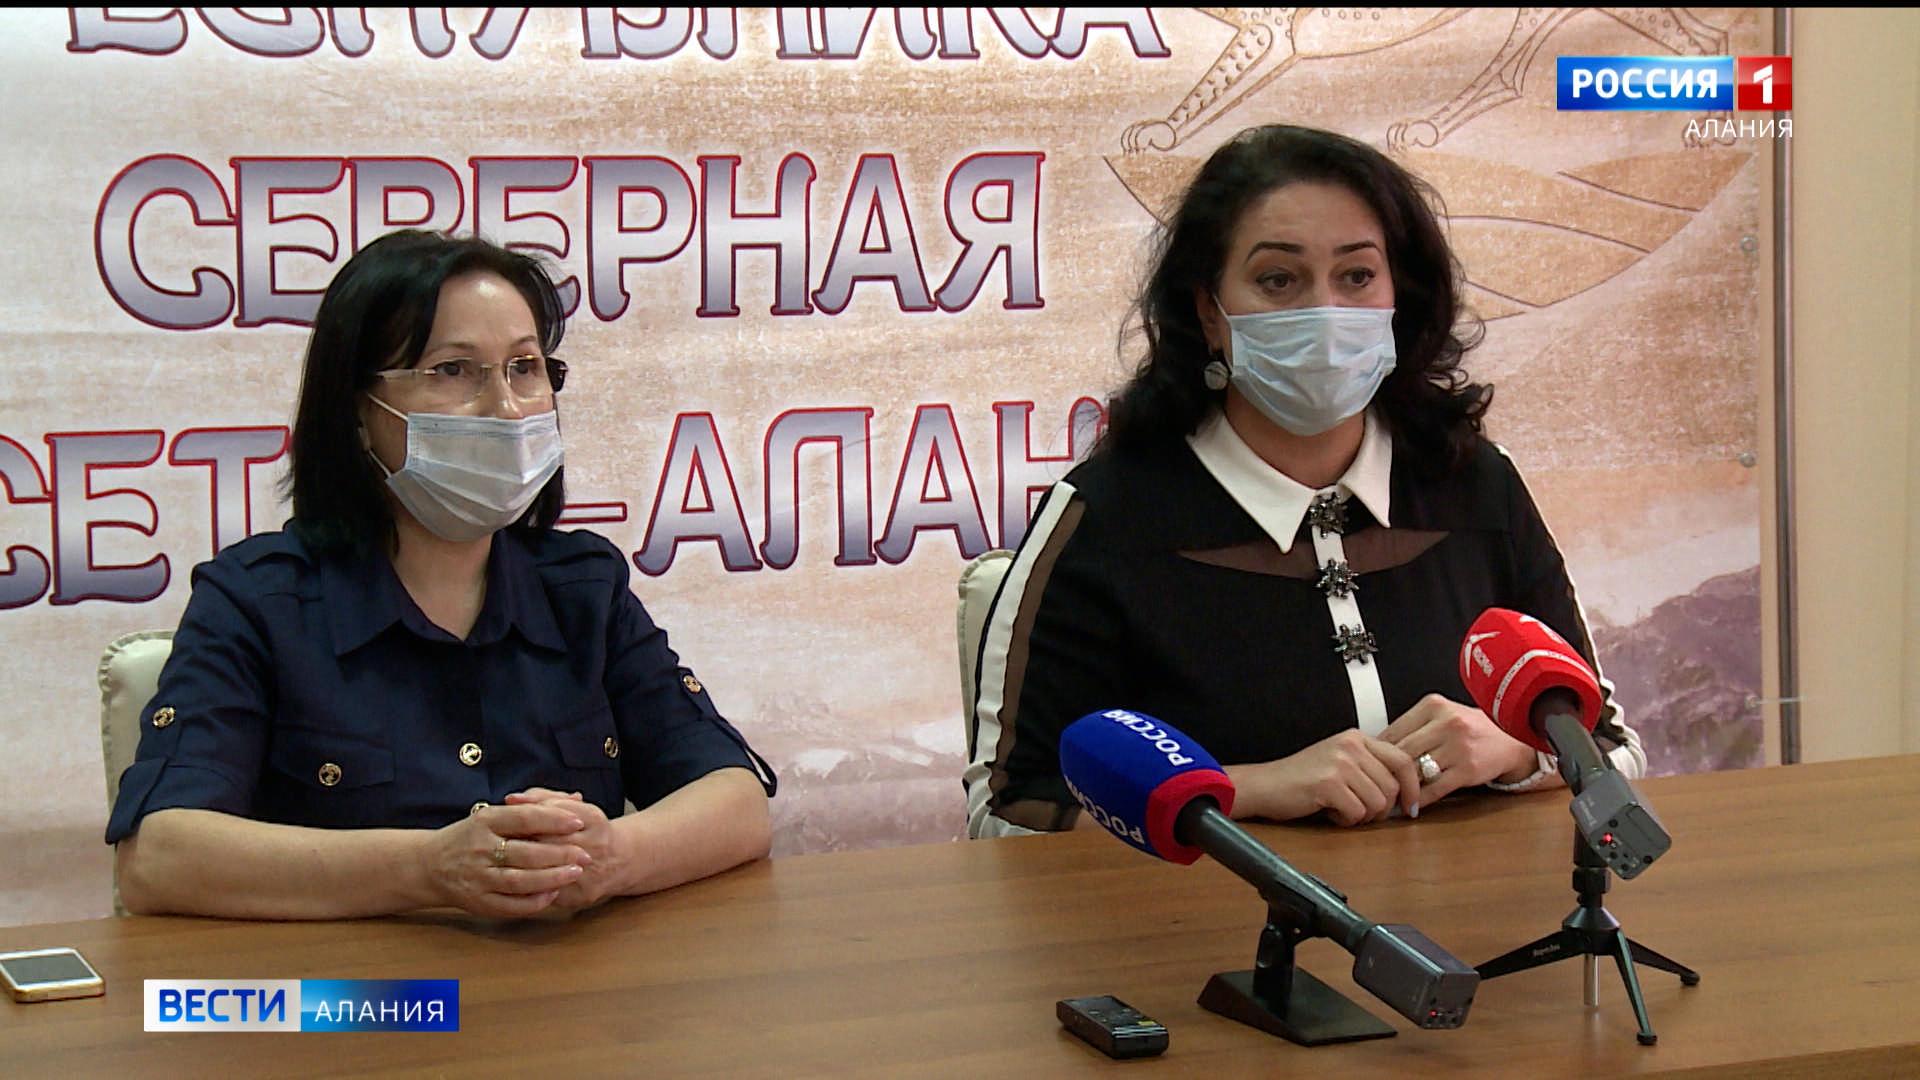 В Северной Осетии активно ведется работа против наркозависимости среди молодежи